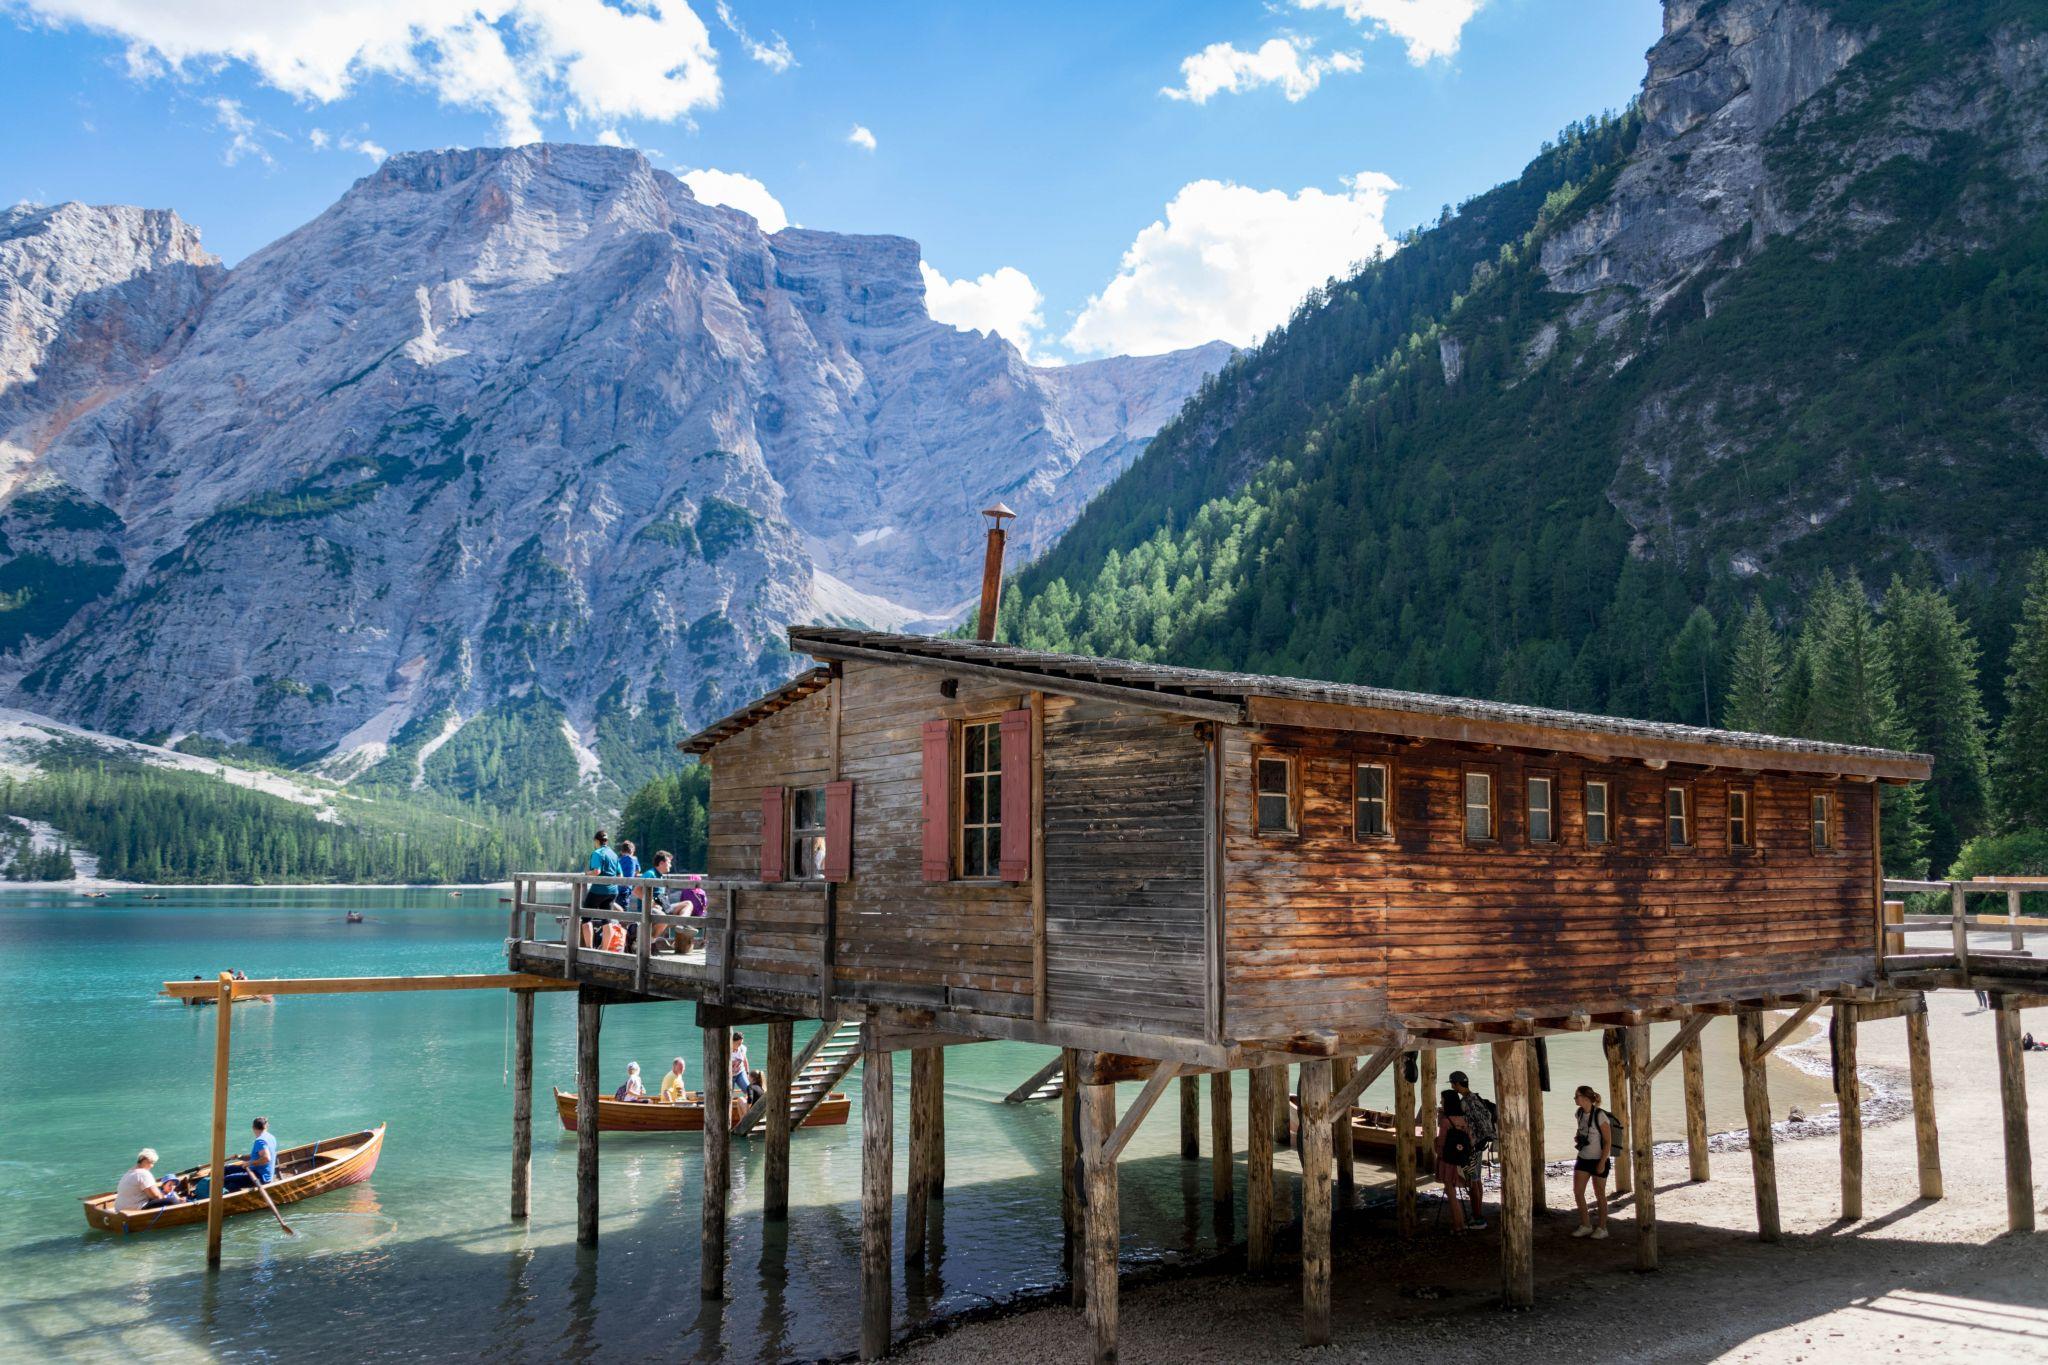 Lago di Braies, Dolomites, Italy